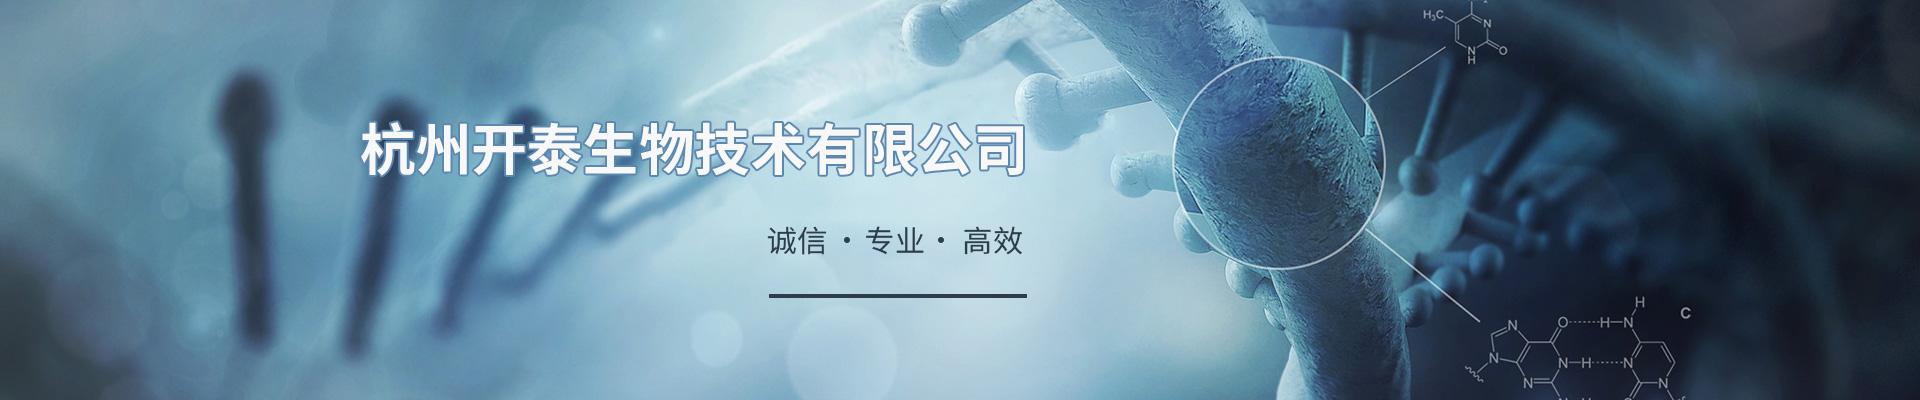 杭州-开泰生物